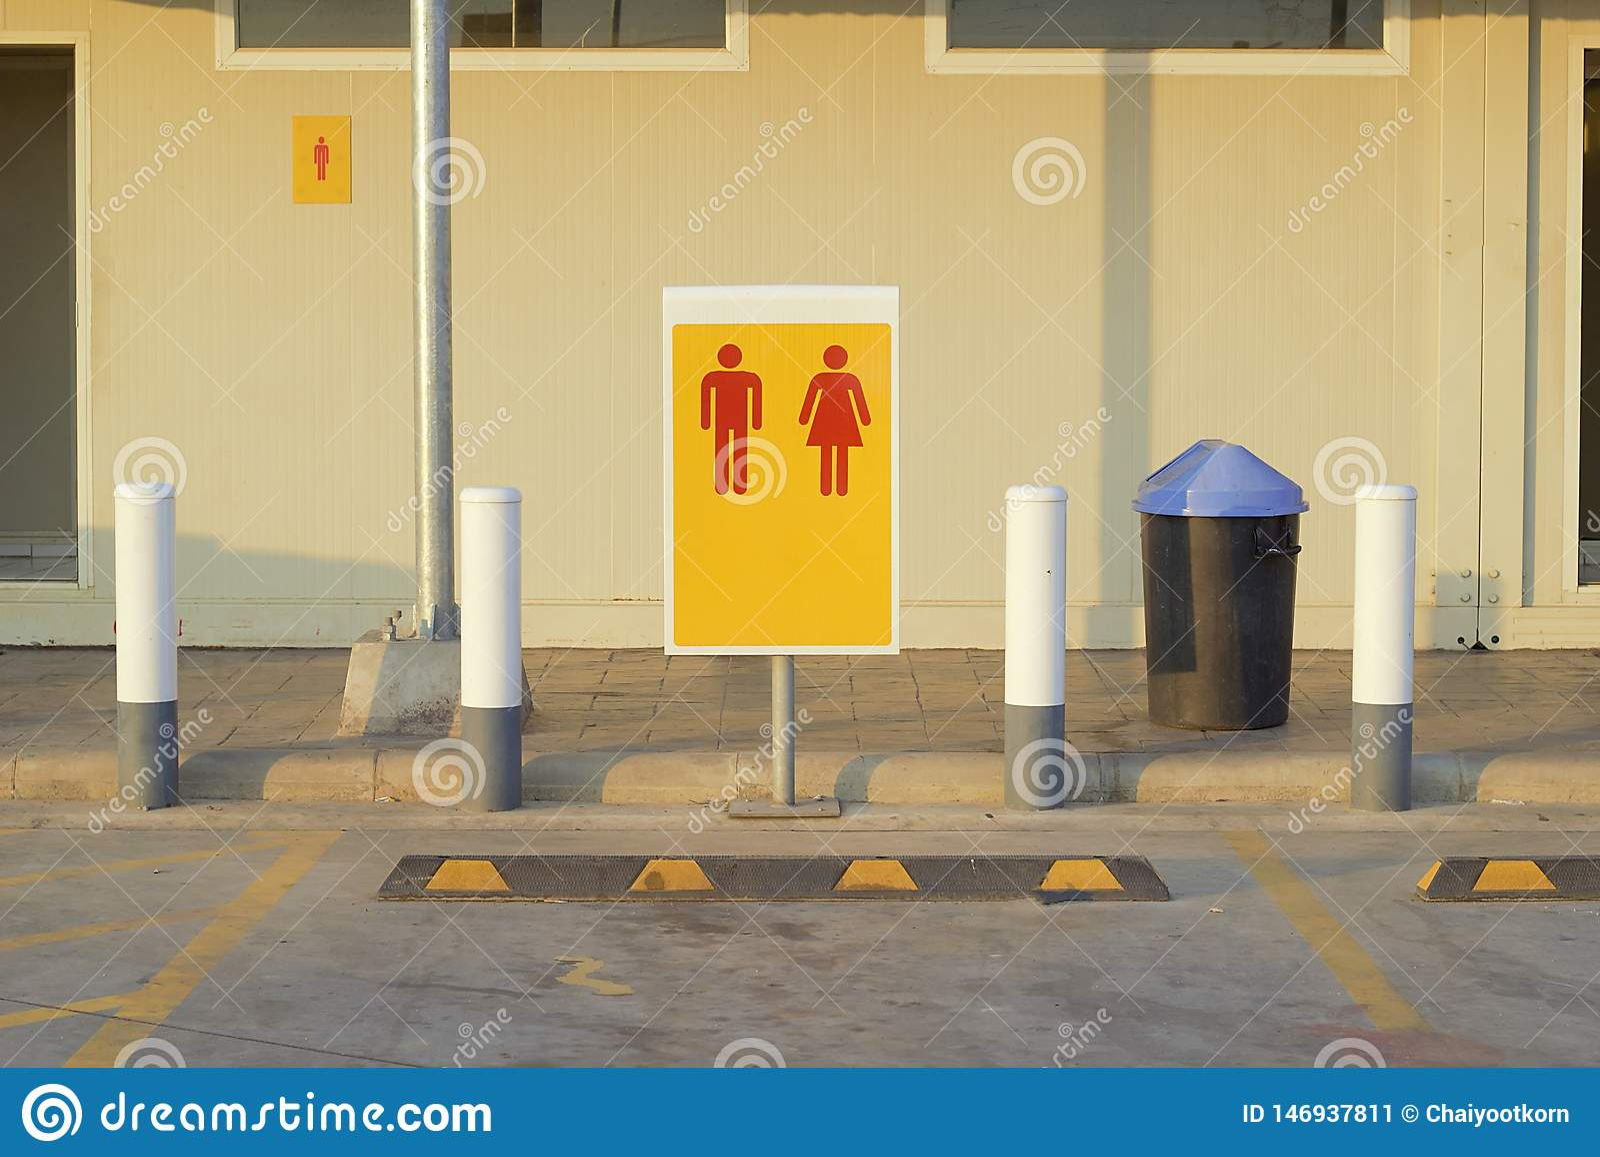 Aparcamiento delante del cuarto de baño en la gasolinera, muestras, mujeres, fondo amarillo rojo de los hombres Iconos del hombre